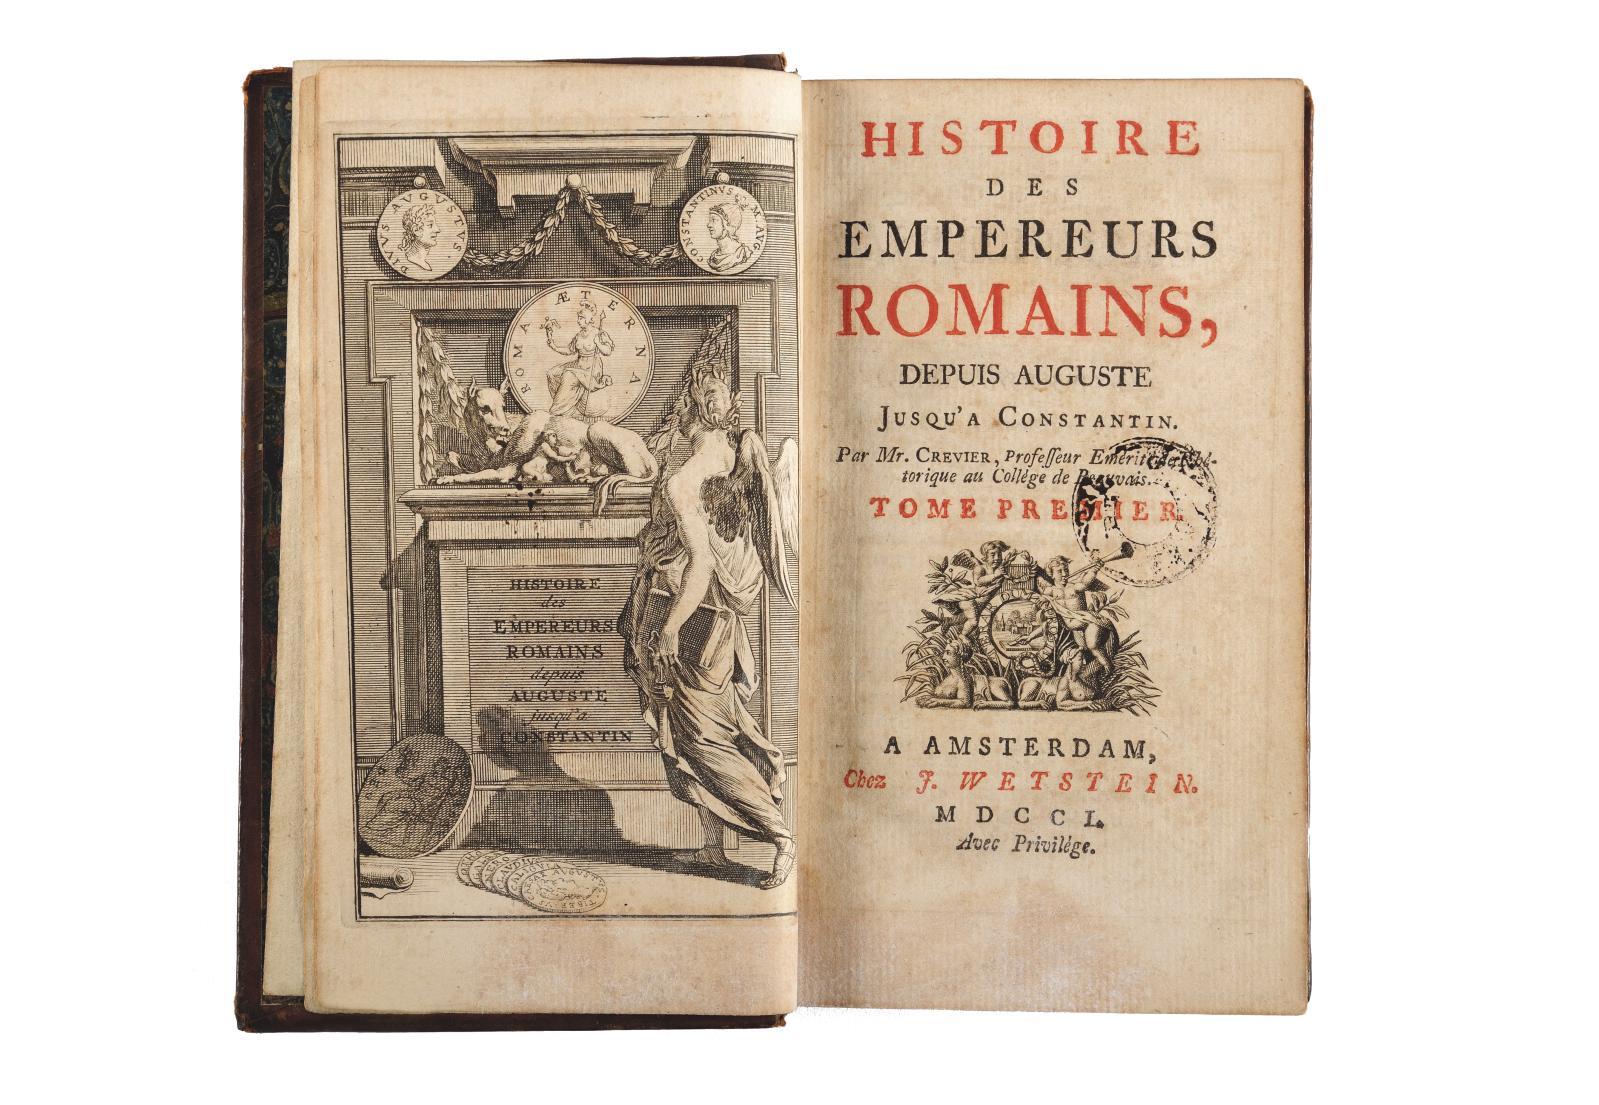 Jean-Baptiste-Louis Crevier, tome Ide l'Histoire des Empereurs romains, Amsterdam, 1750. Exemplaire de Napoléonqui le suivit à Sainte-Hé